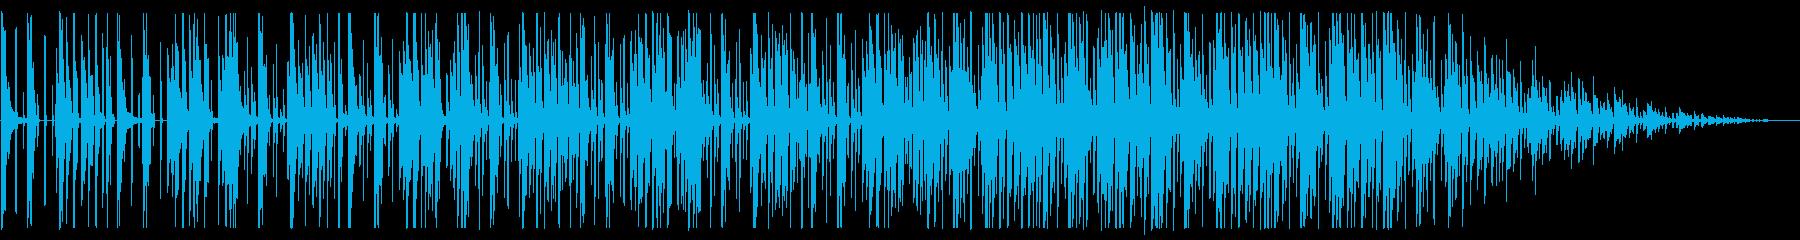 コミカル/ヒップホップ_No473_3の再生済みの波形